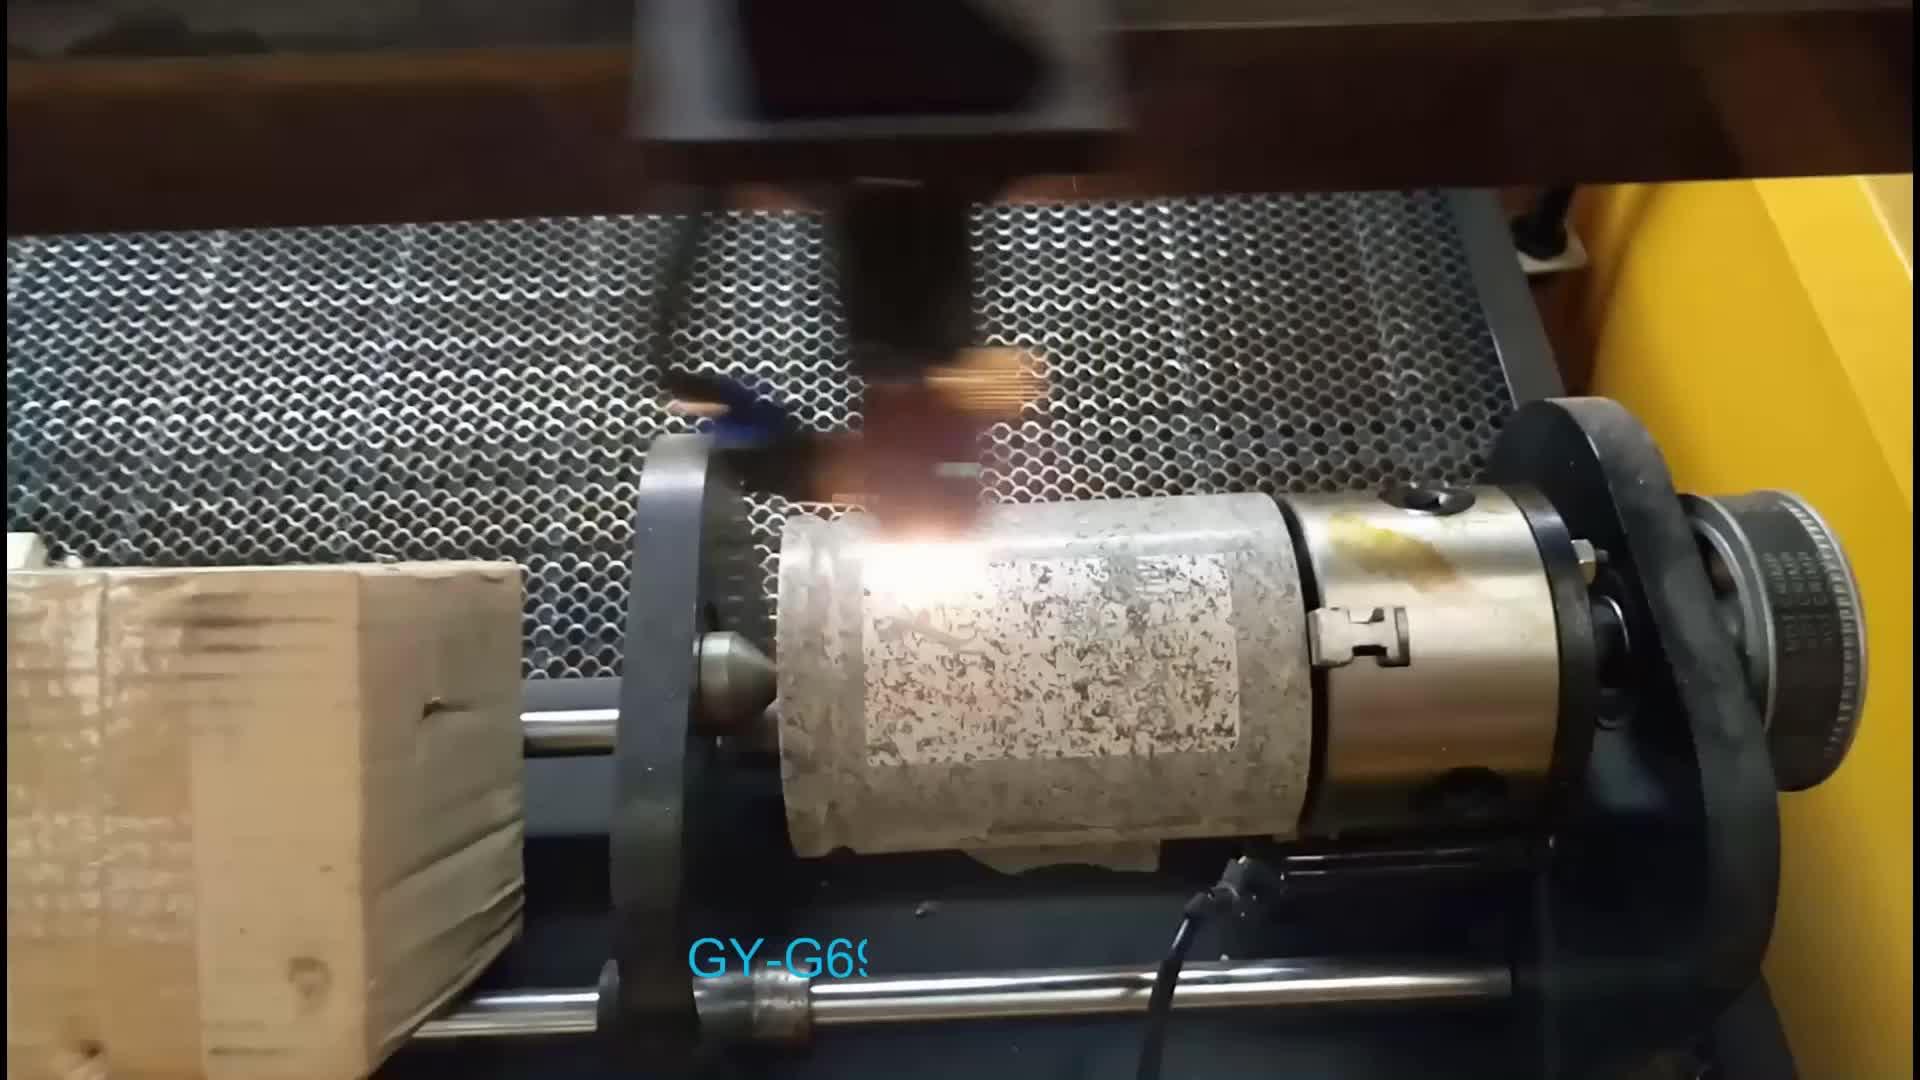 Thiết Bị Cắt Bằng Tia Laser 6090 Gỗ Acrylic MDF Nhựa Da Vải Máy Cắt Laser Máy Khắc Laze 6090